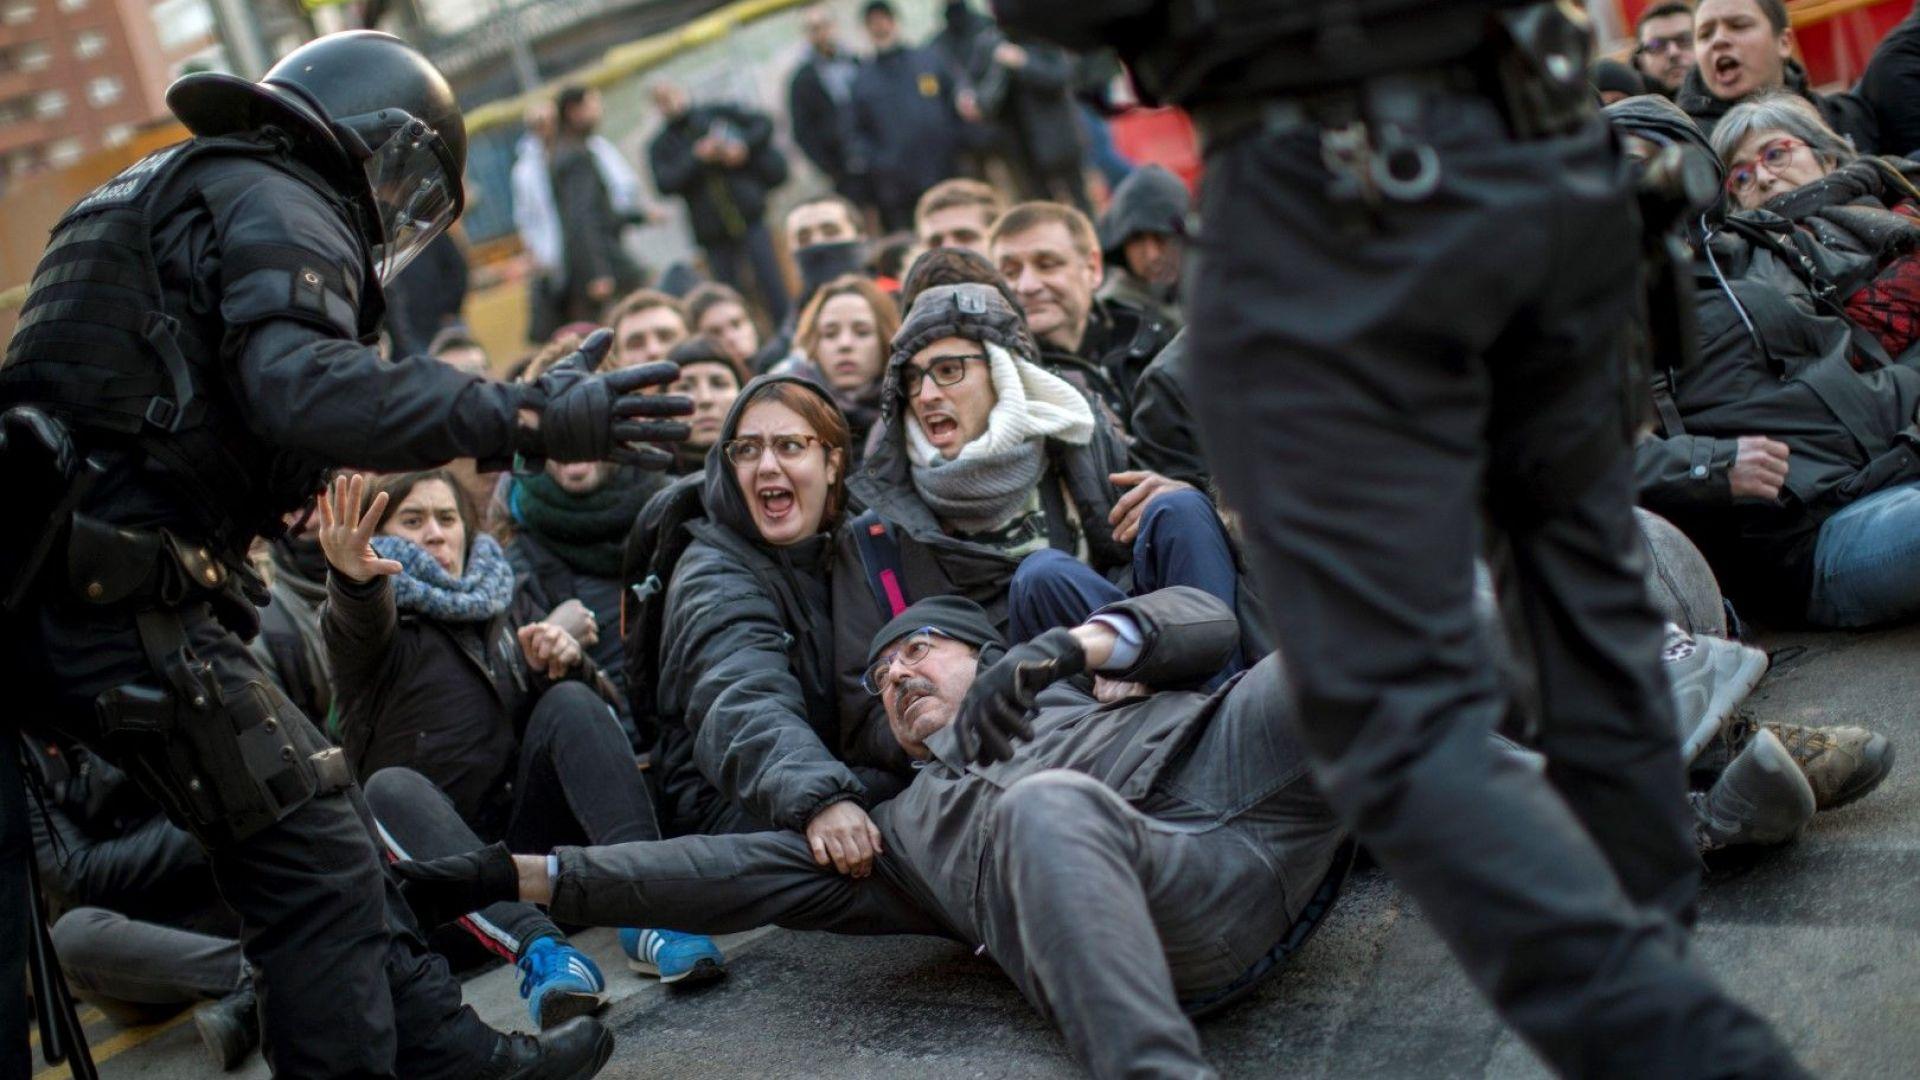 Снимка: Сепаратисти блокираха пътища и жп линии при обща стачка в Каталуния